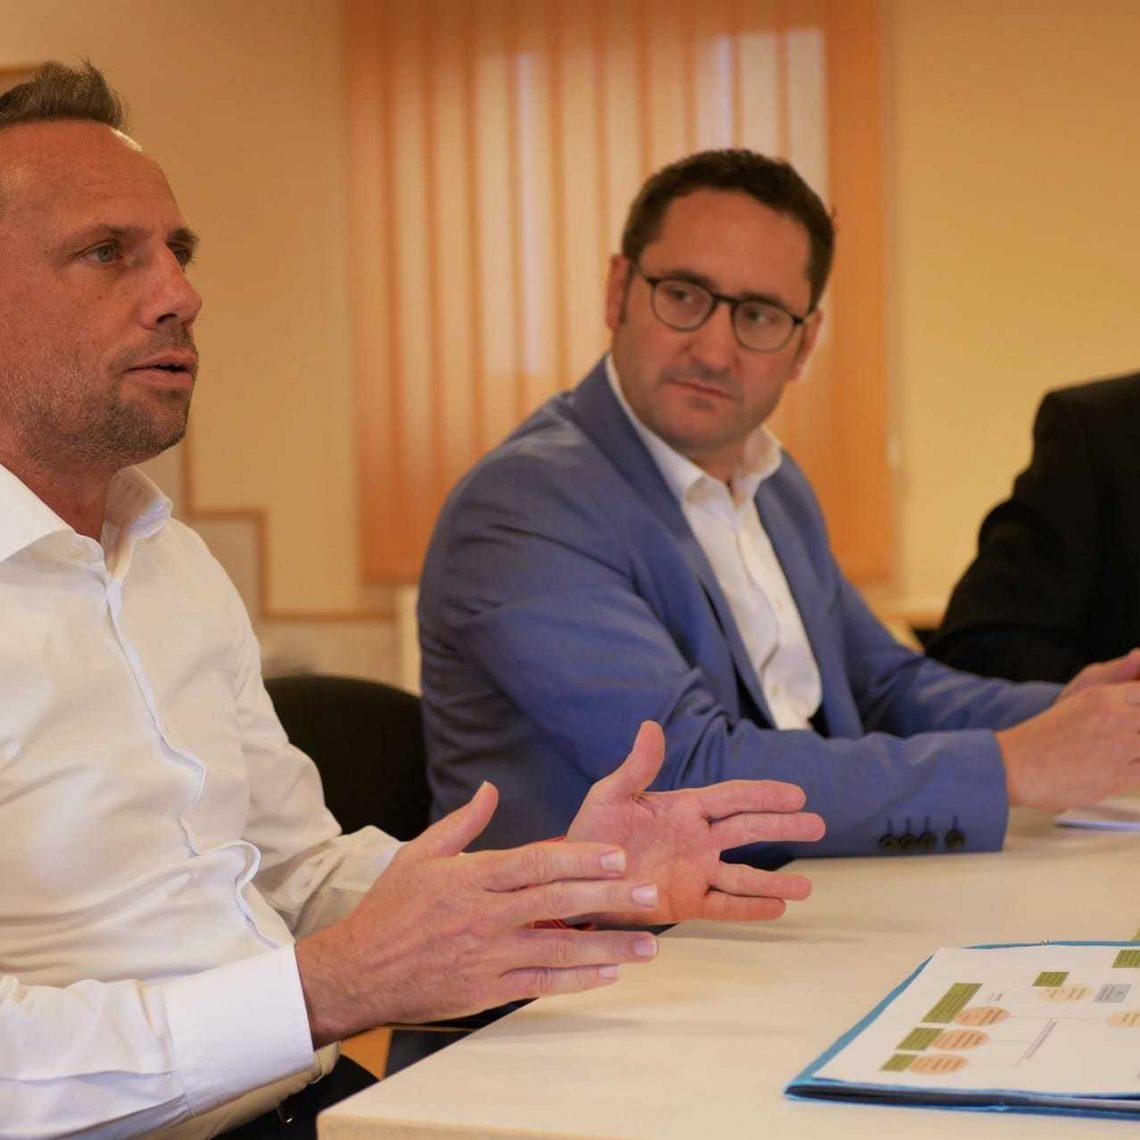 """Staatsminister Thorsten Glauber tauschte sich im Landkreis Regensburg mit Kommunalpolitikern aus. Die Gespräche wurden als """"offen und konstruktiv"""" bewertet. Konstruktive Klausur: Umweltminister hat ein offenes Ohr"""